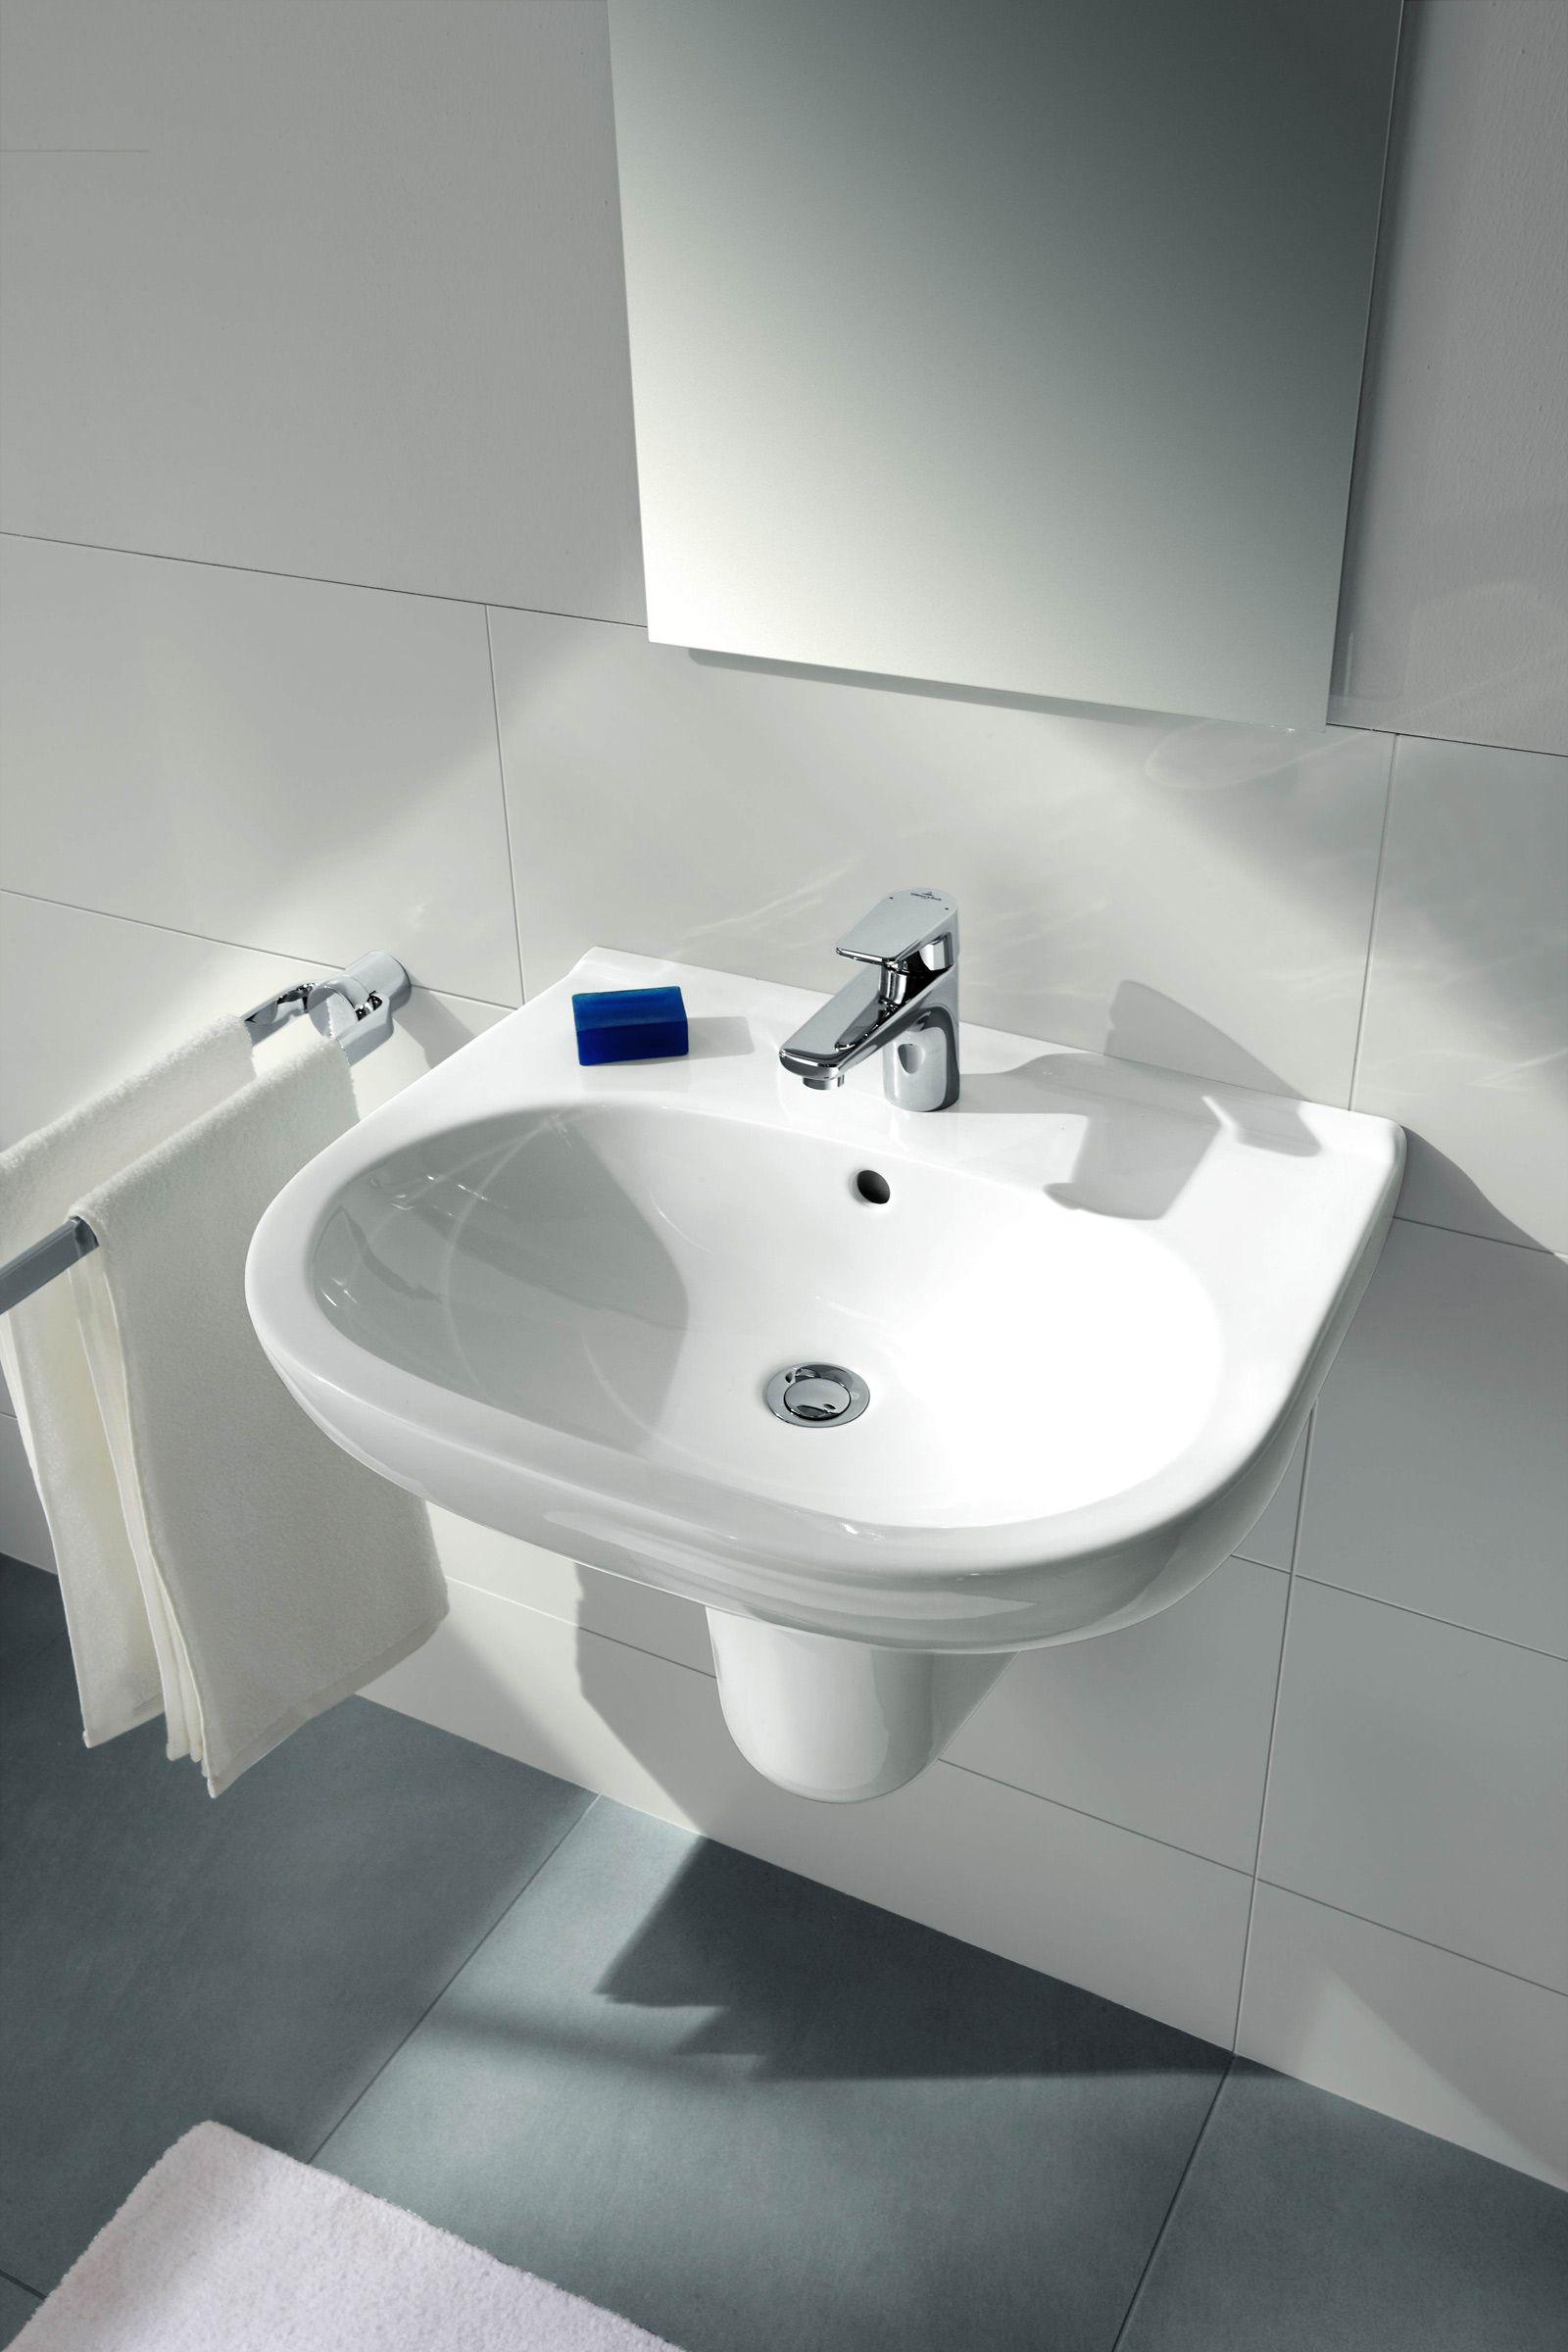 Il Lavabo O.Novo Di Villeroy U0026 Boch è In Ceramica Sanitaria Bianca. Con  Troppopieno, è Predisposto Anche Per Tre Fori. Misura L 65 X P 51 Cm. Prezzo  102 ...